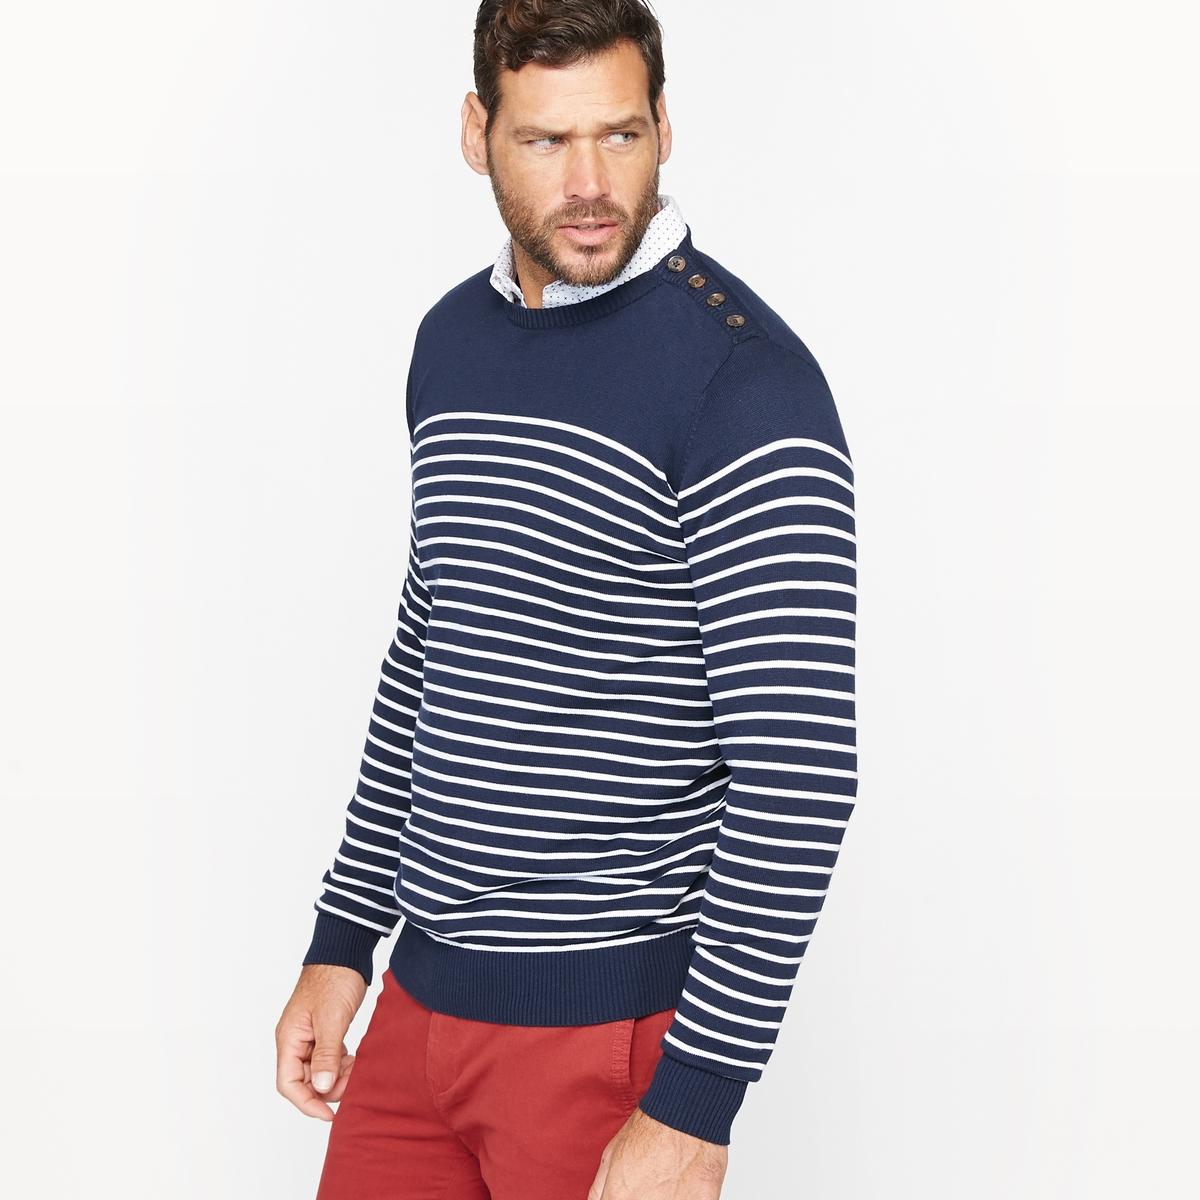 Пуловер в полоску с застежкой на пуговицыдлина спереди : 73 см для размера 50/52 и 81 см для размера 82/84.- длина рукавов : 68 см.<br><br>Цвет: в полоску темно-синий/белый<br>Размер: 66/68.62/64.70/72